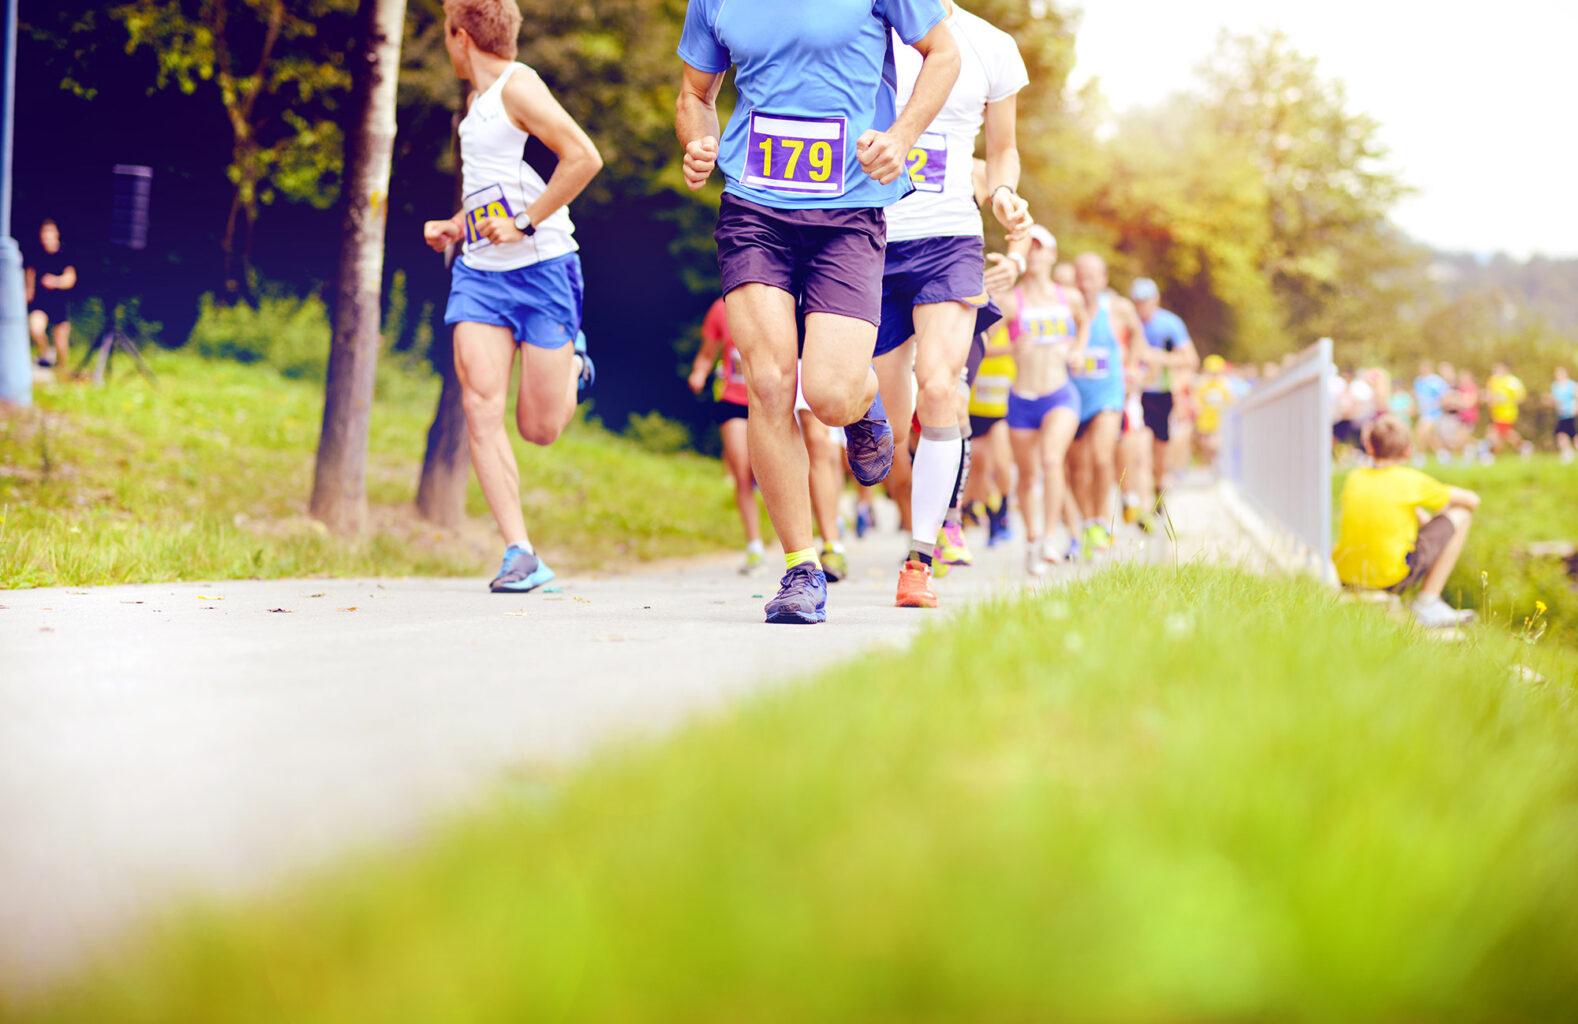 É uma maratona, não uma corrida de 100 metros